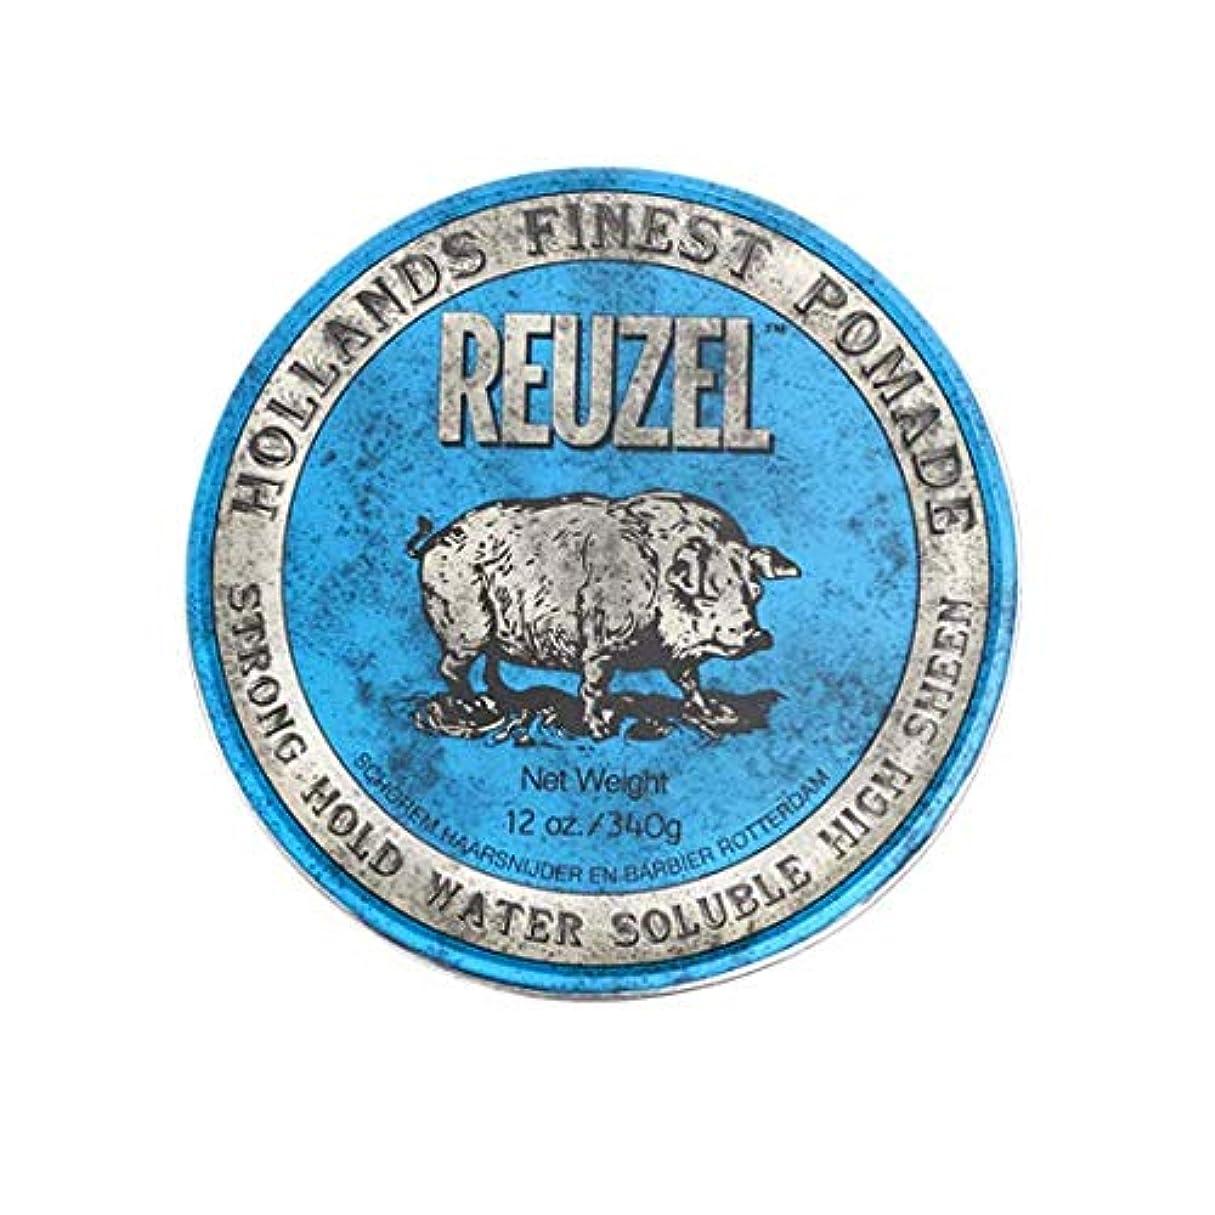 チーズ類似性心配するルーゾー(REUZEL) ストロングホールド ブルー HIGH SHINE 340g